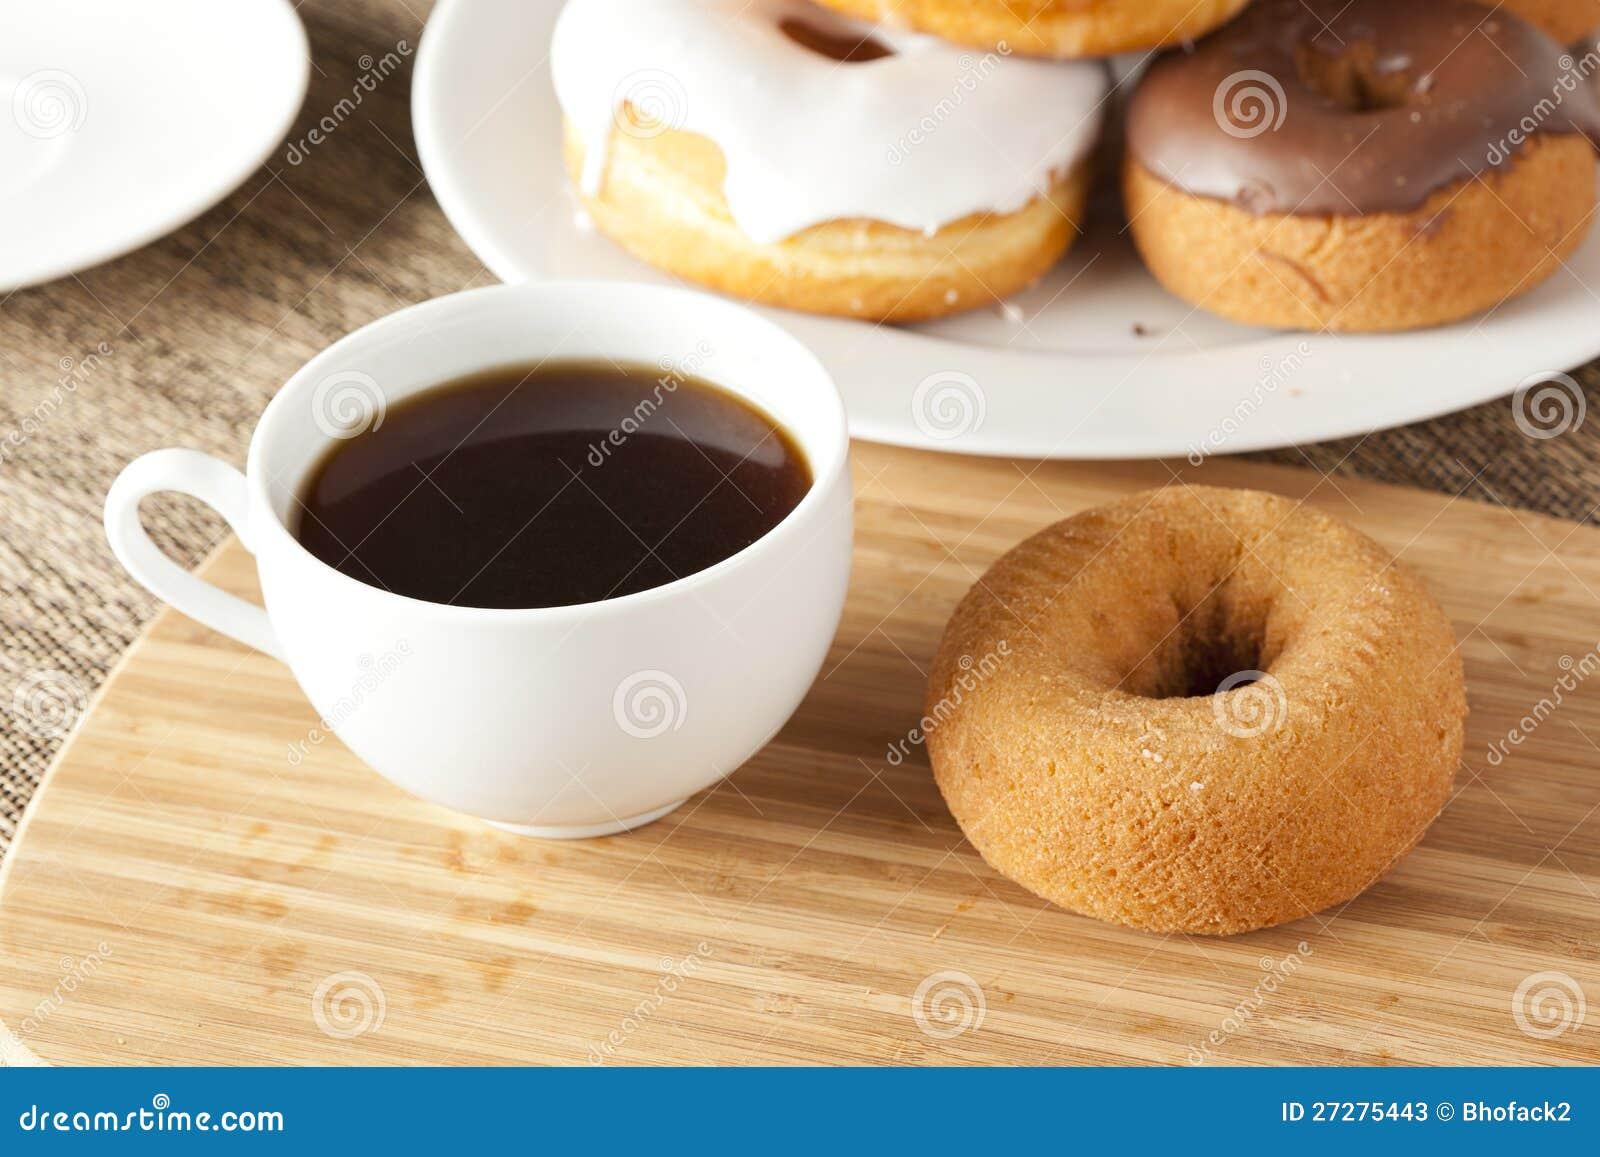 Nya hemlagade Donuts med svart kaffe